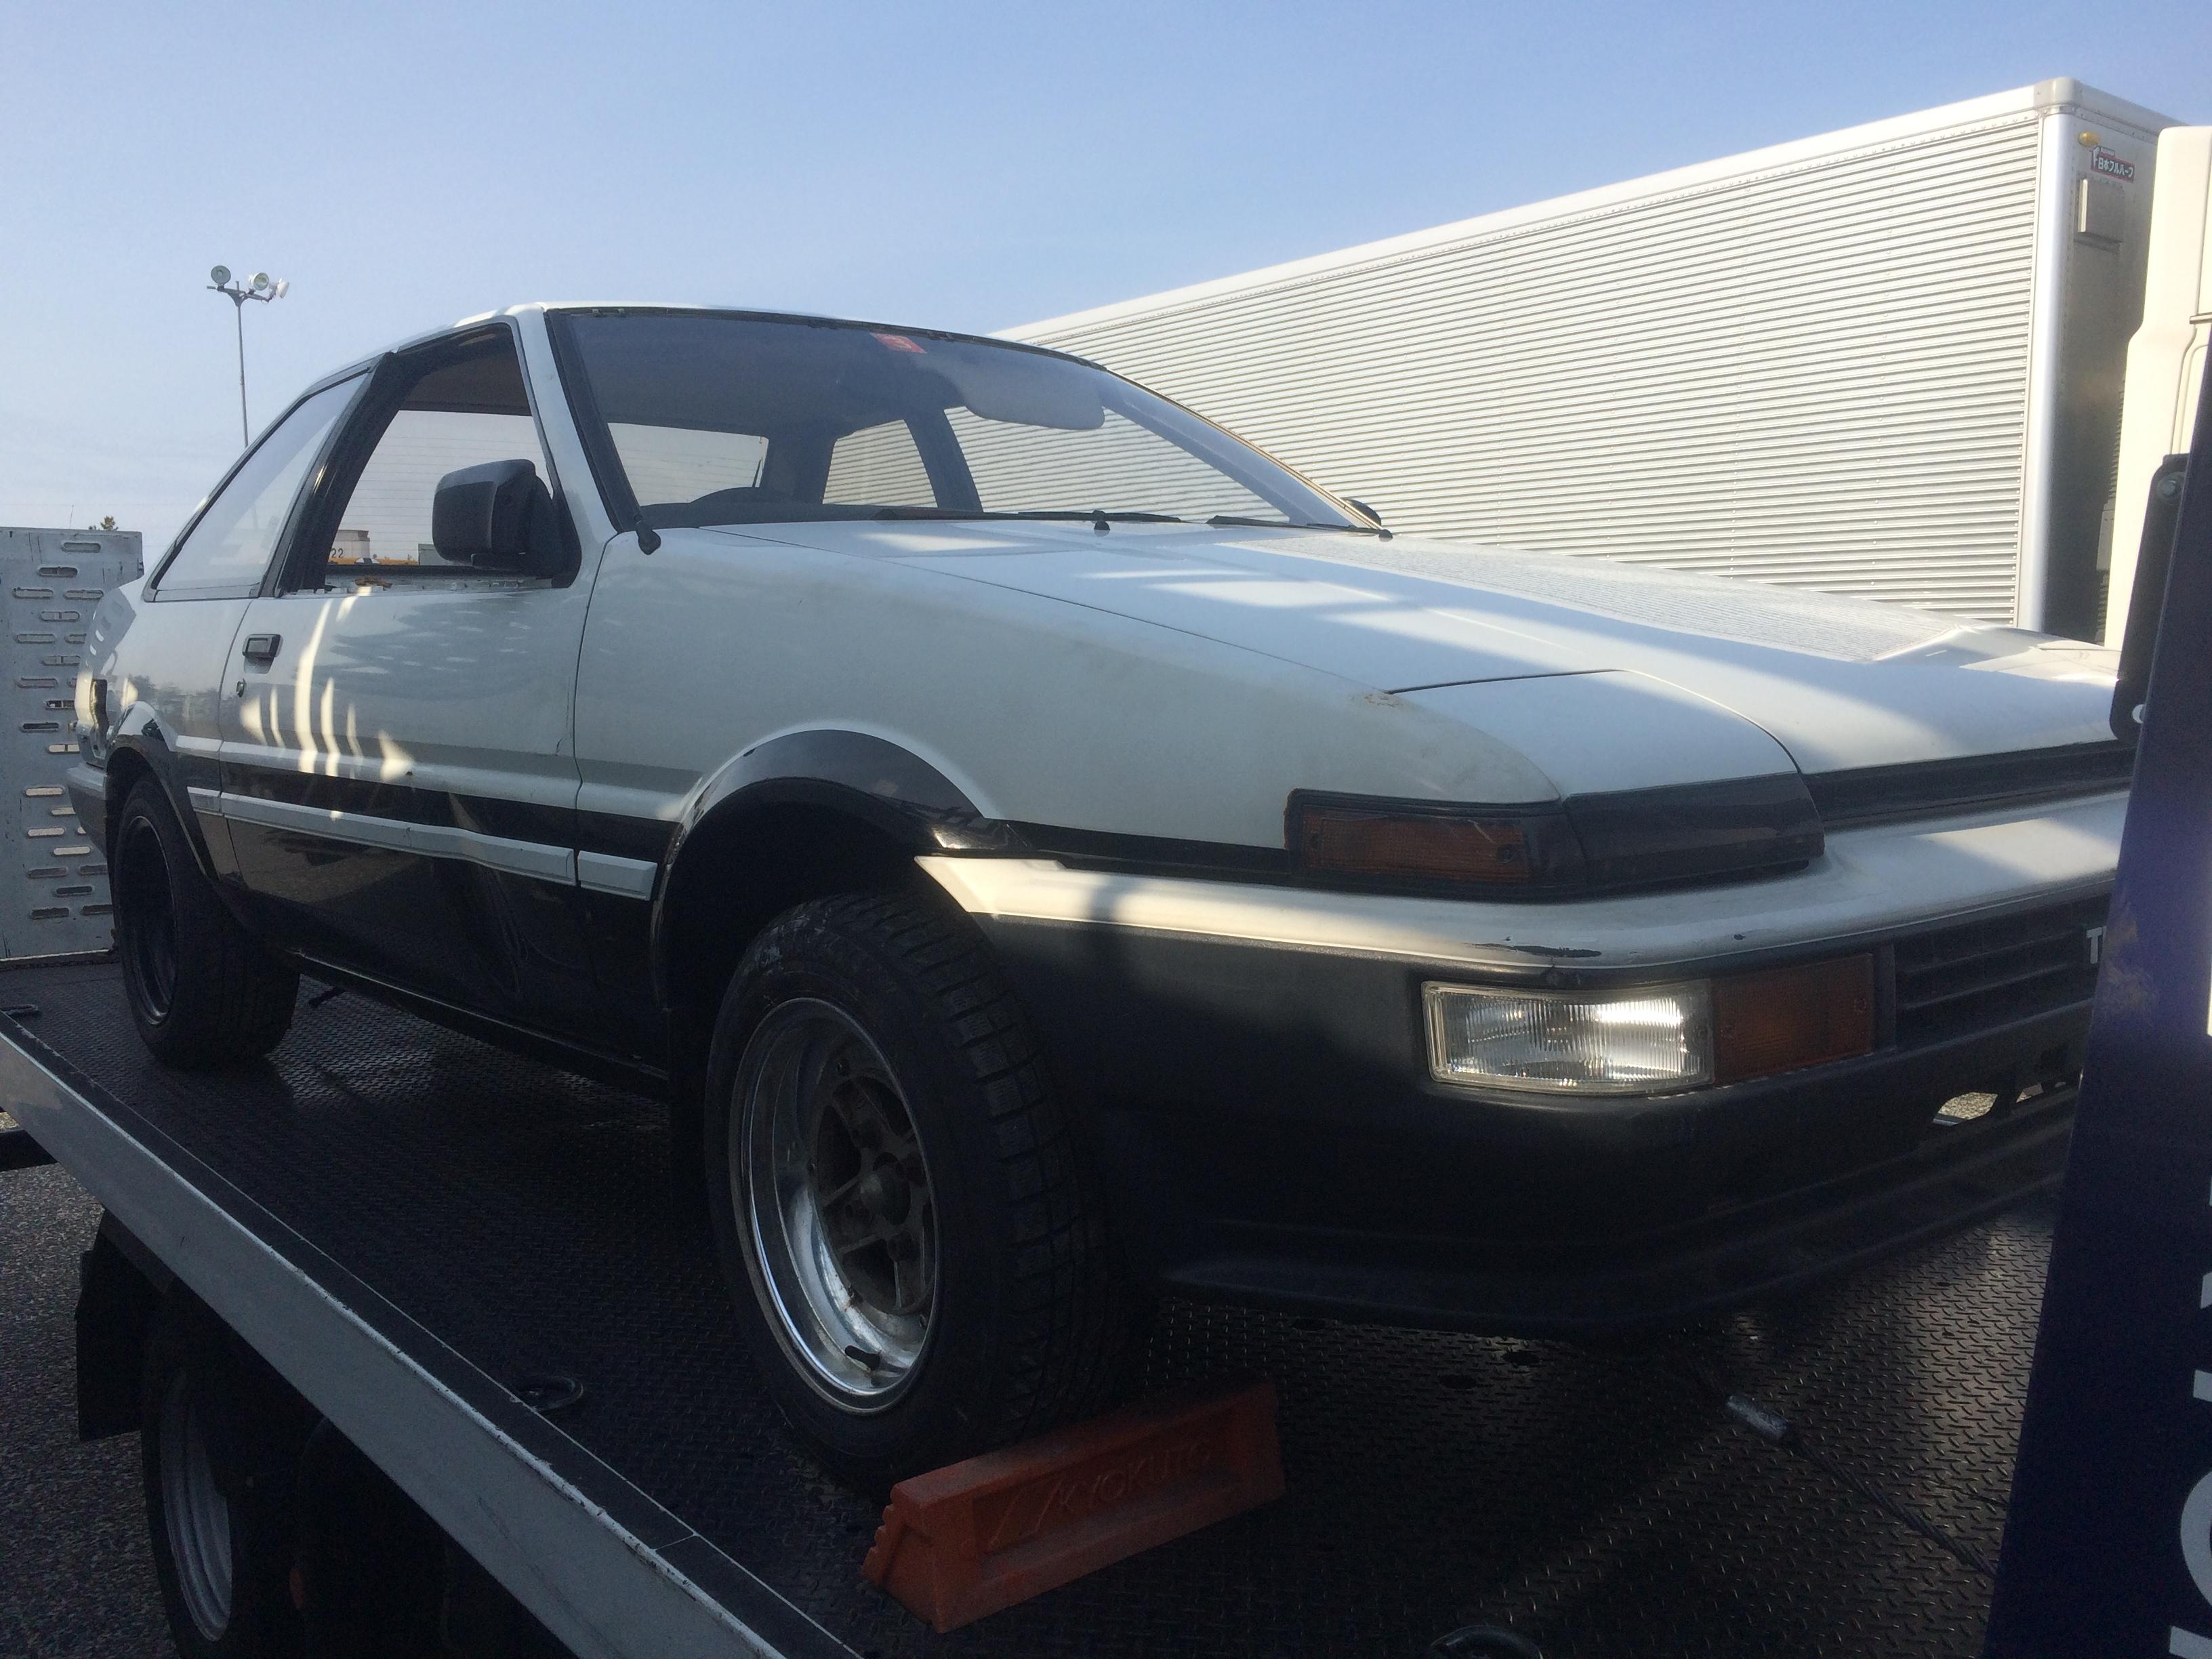 パーツ取り車買取情報 新潟にてAE86スプリンタートレノ2Dの買取